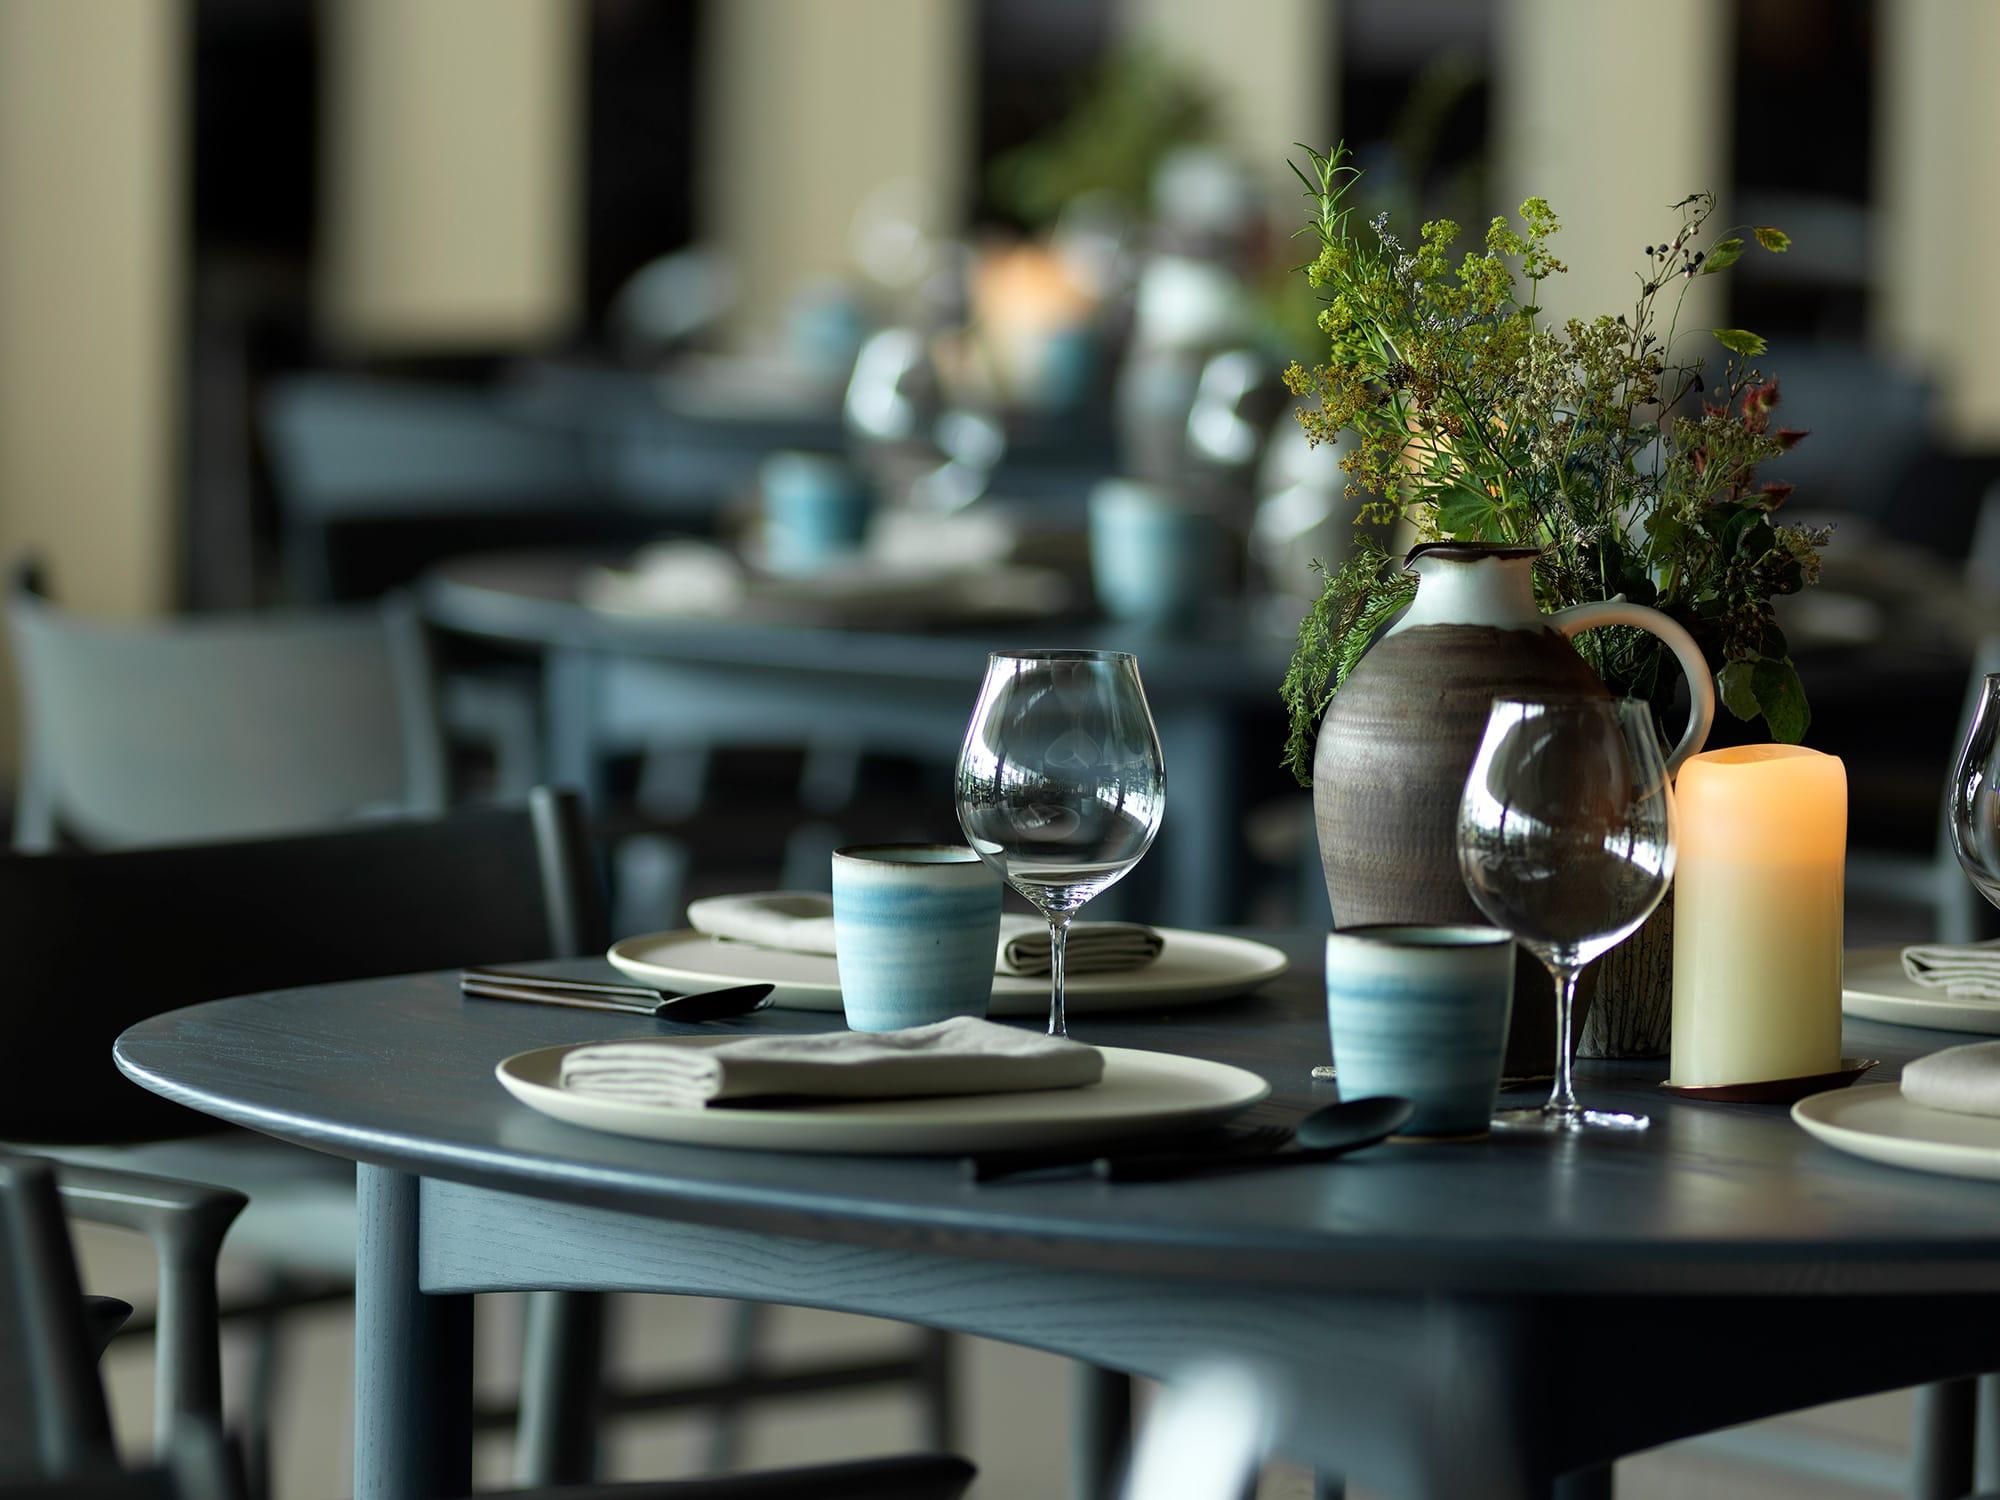 料理、テーブルウエア、活けられた草花もトータルで一体の空間となり、INUAらしさを表現している。Photography Jason Loucas